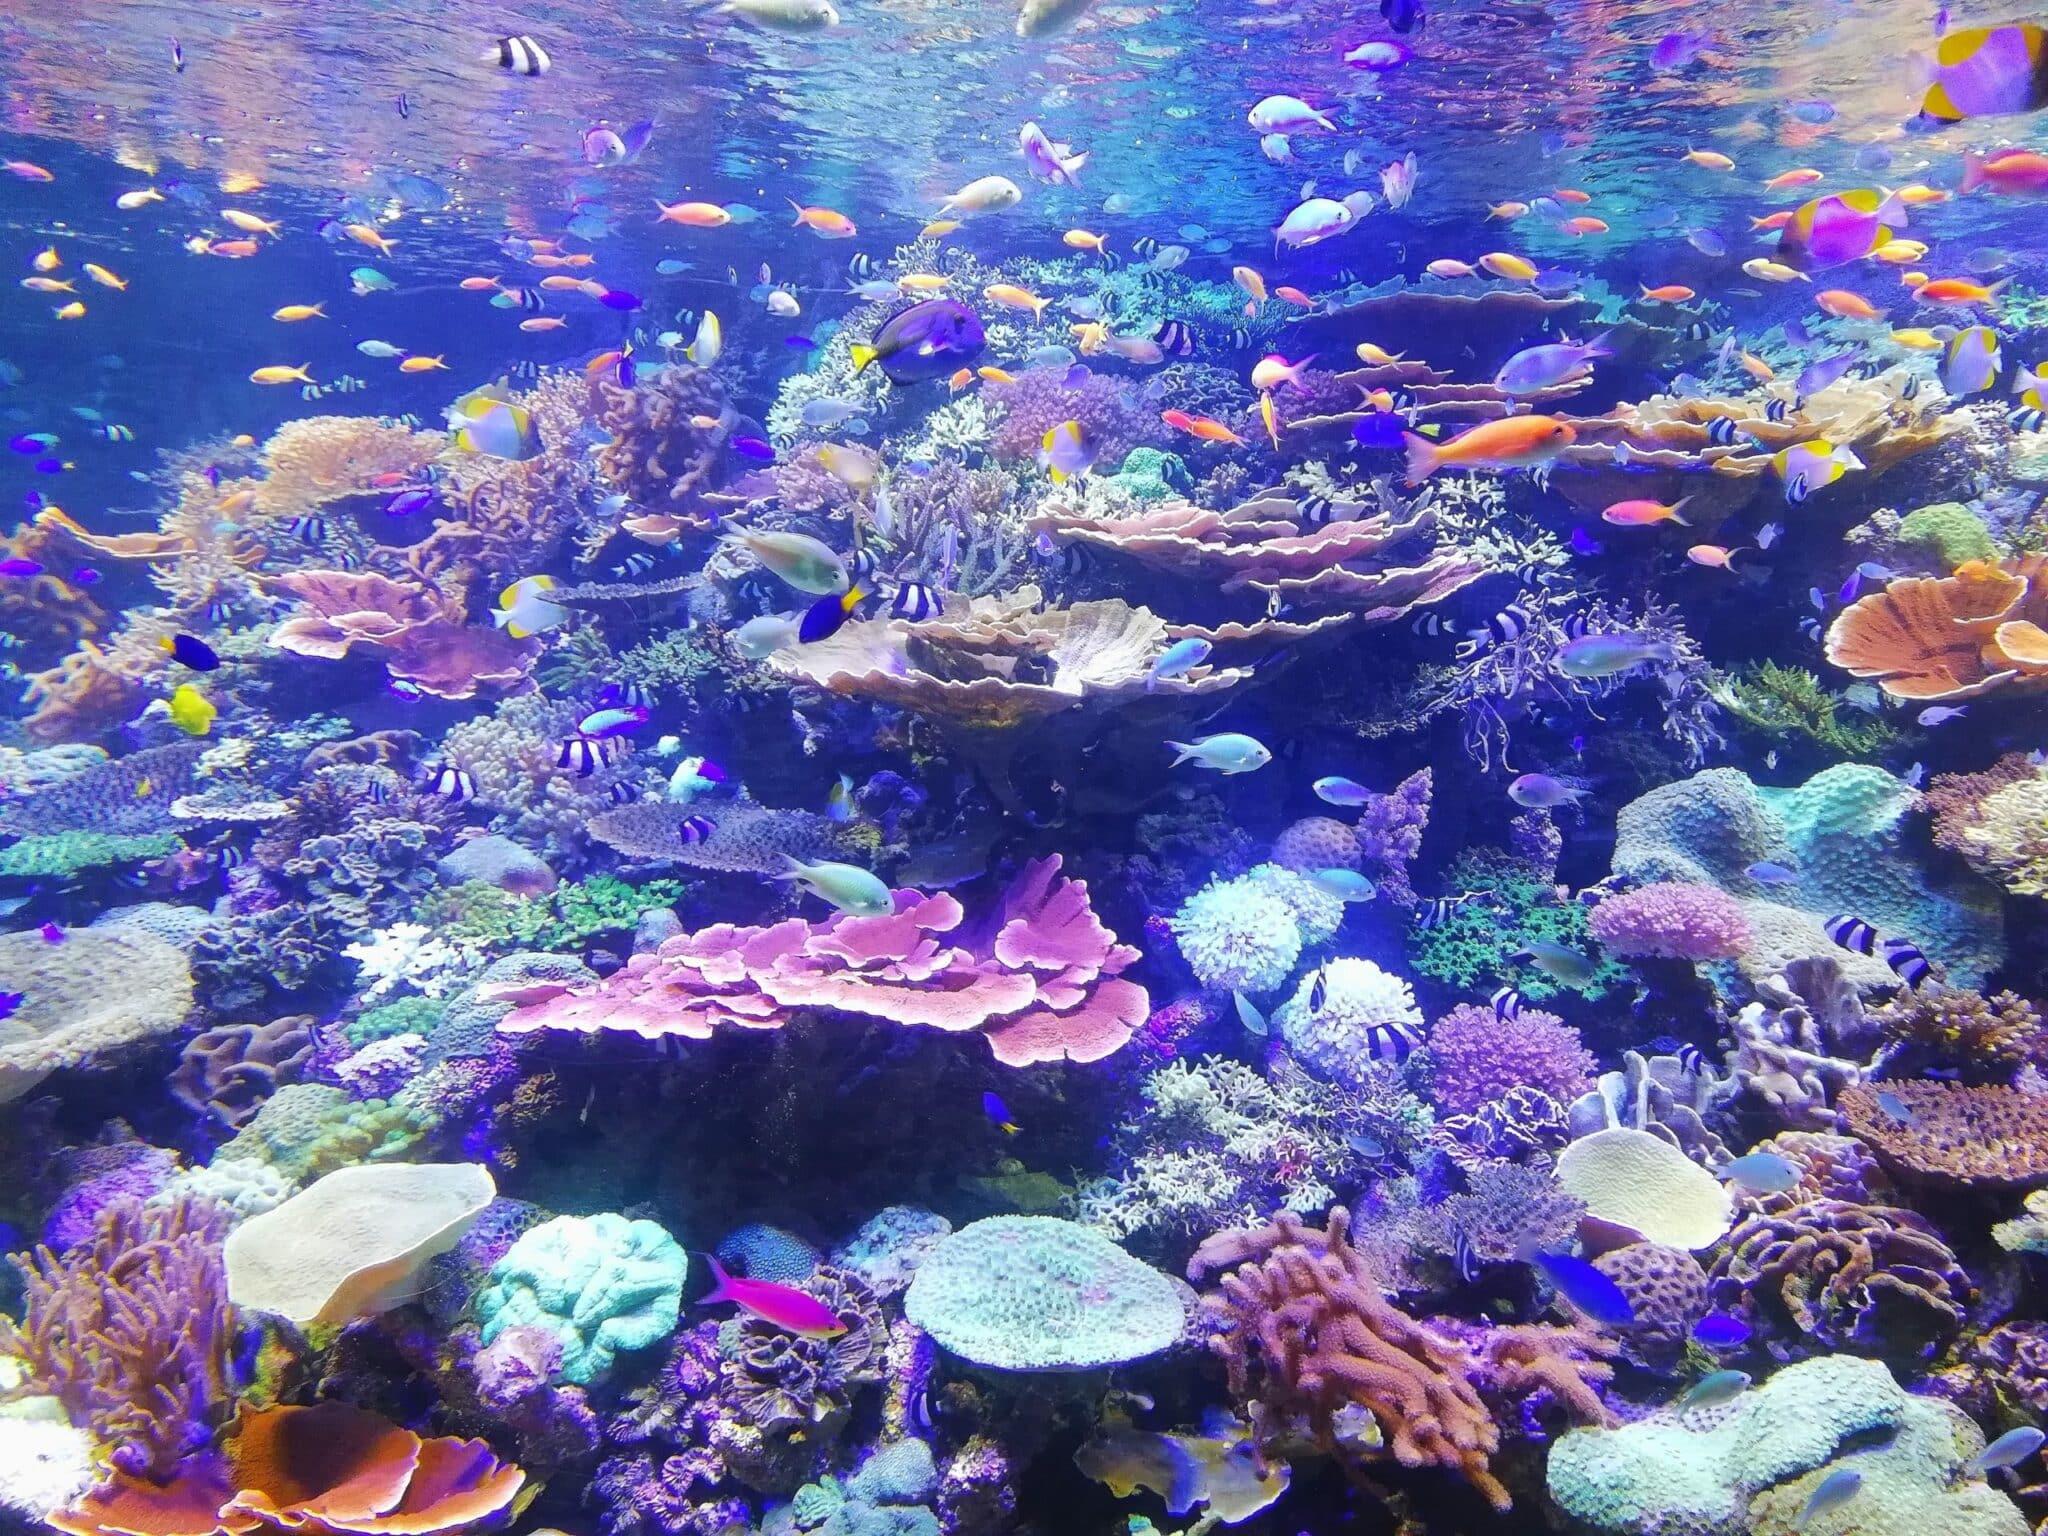 Barrière de corail crème solaire poissons danger océans environnement